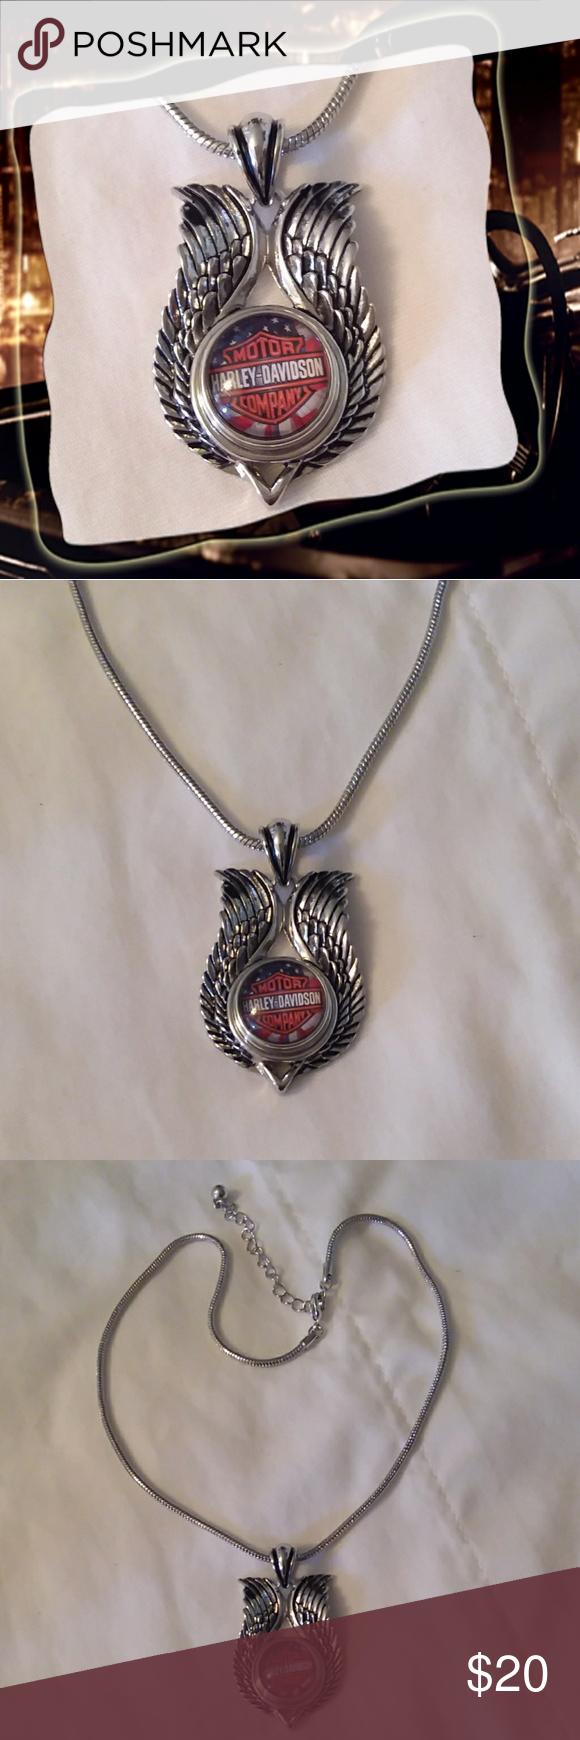 DiamondJewelryNY Eye Hook Bangle Bracelet with a St Theodore Stratelates Charm.